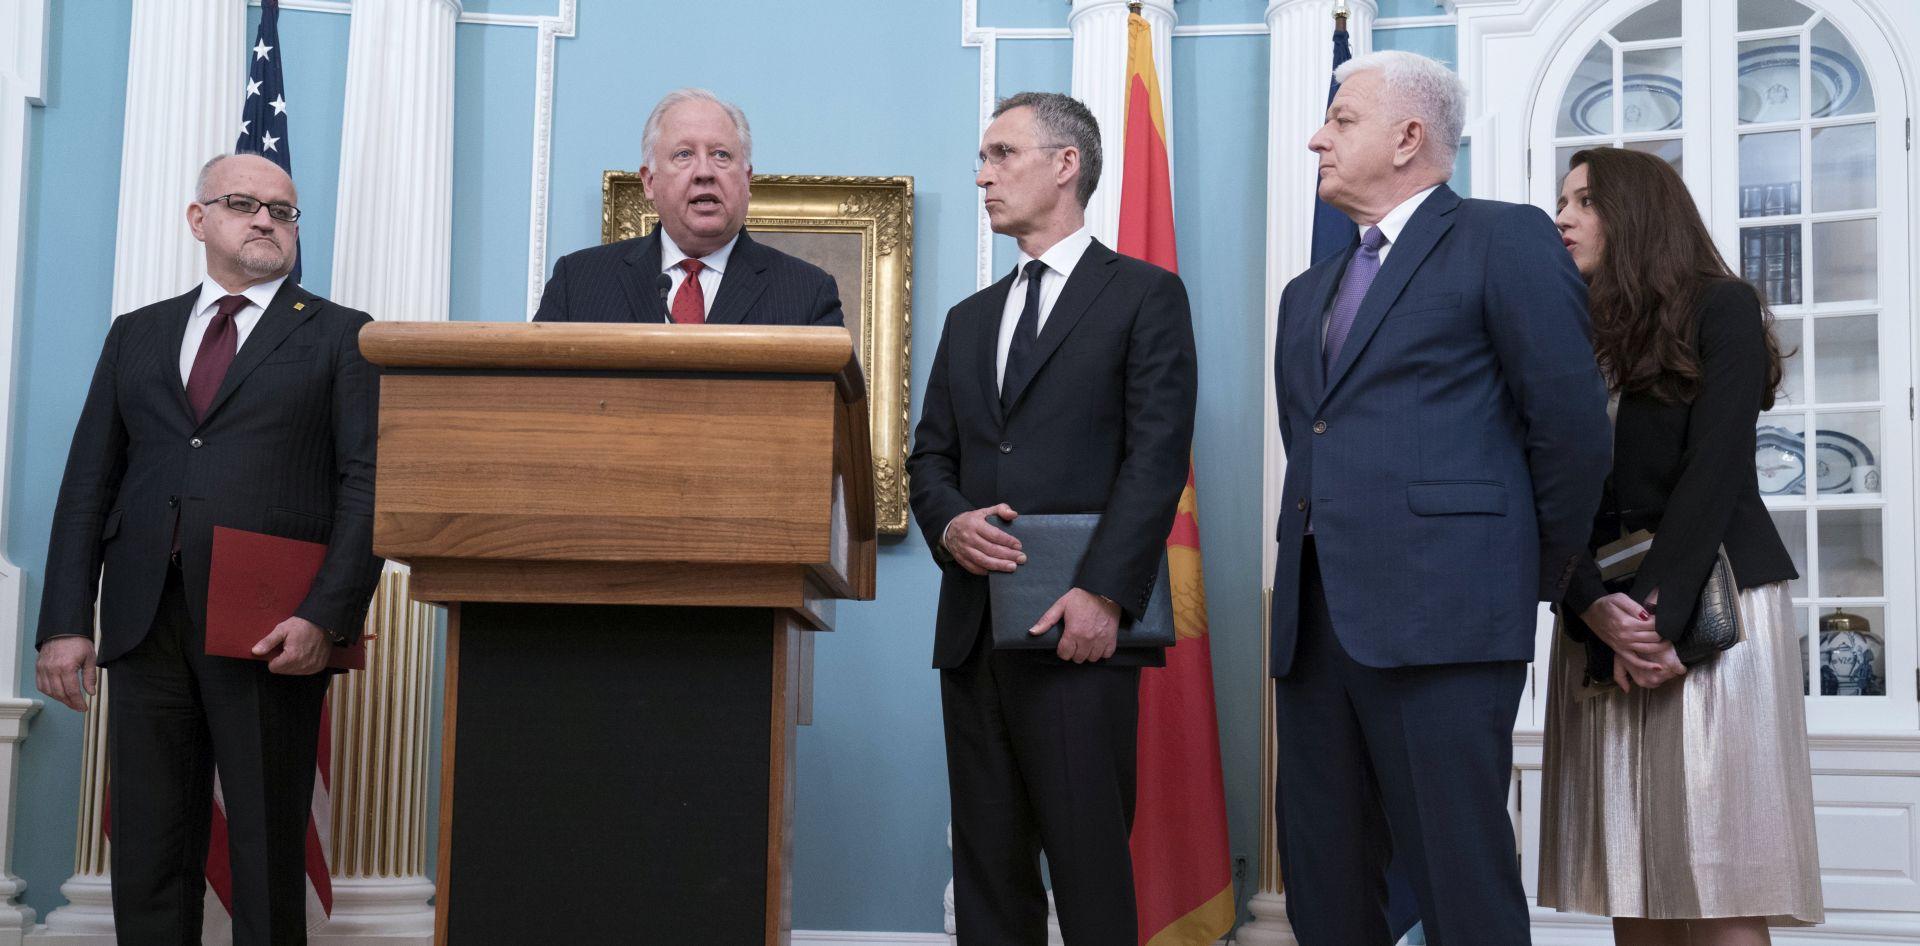 Inicijativa o carinskoj uniji Zapadnog Balkana nije realna